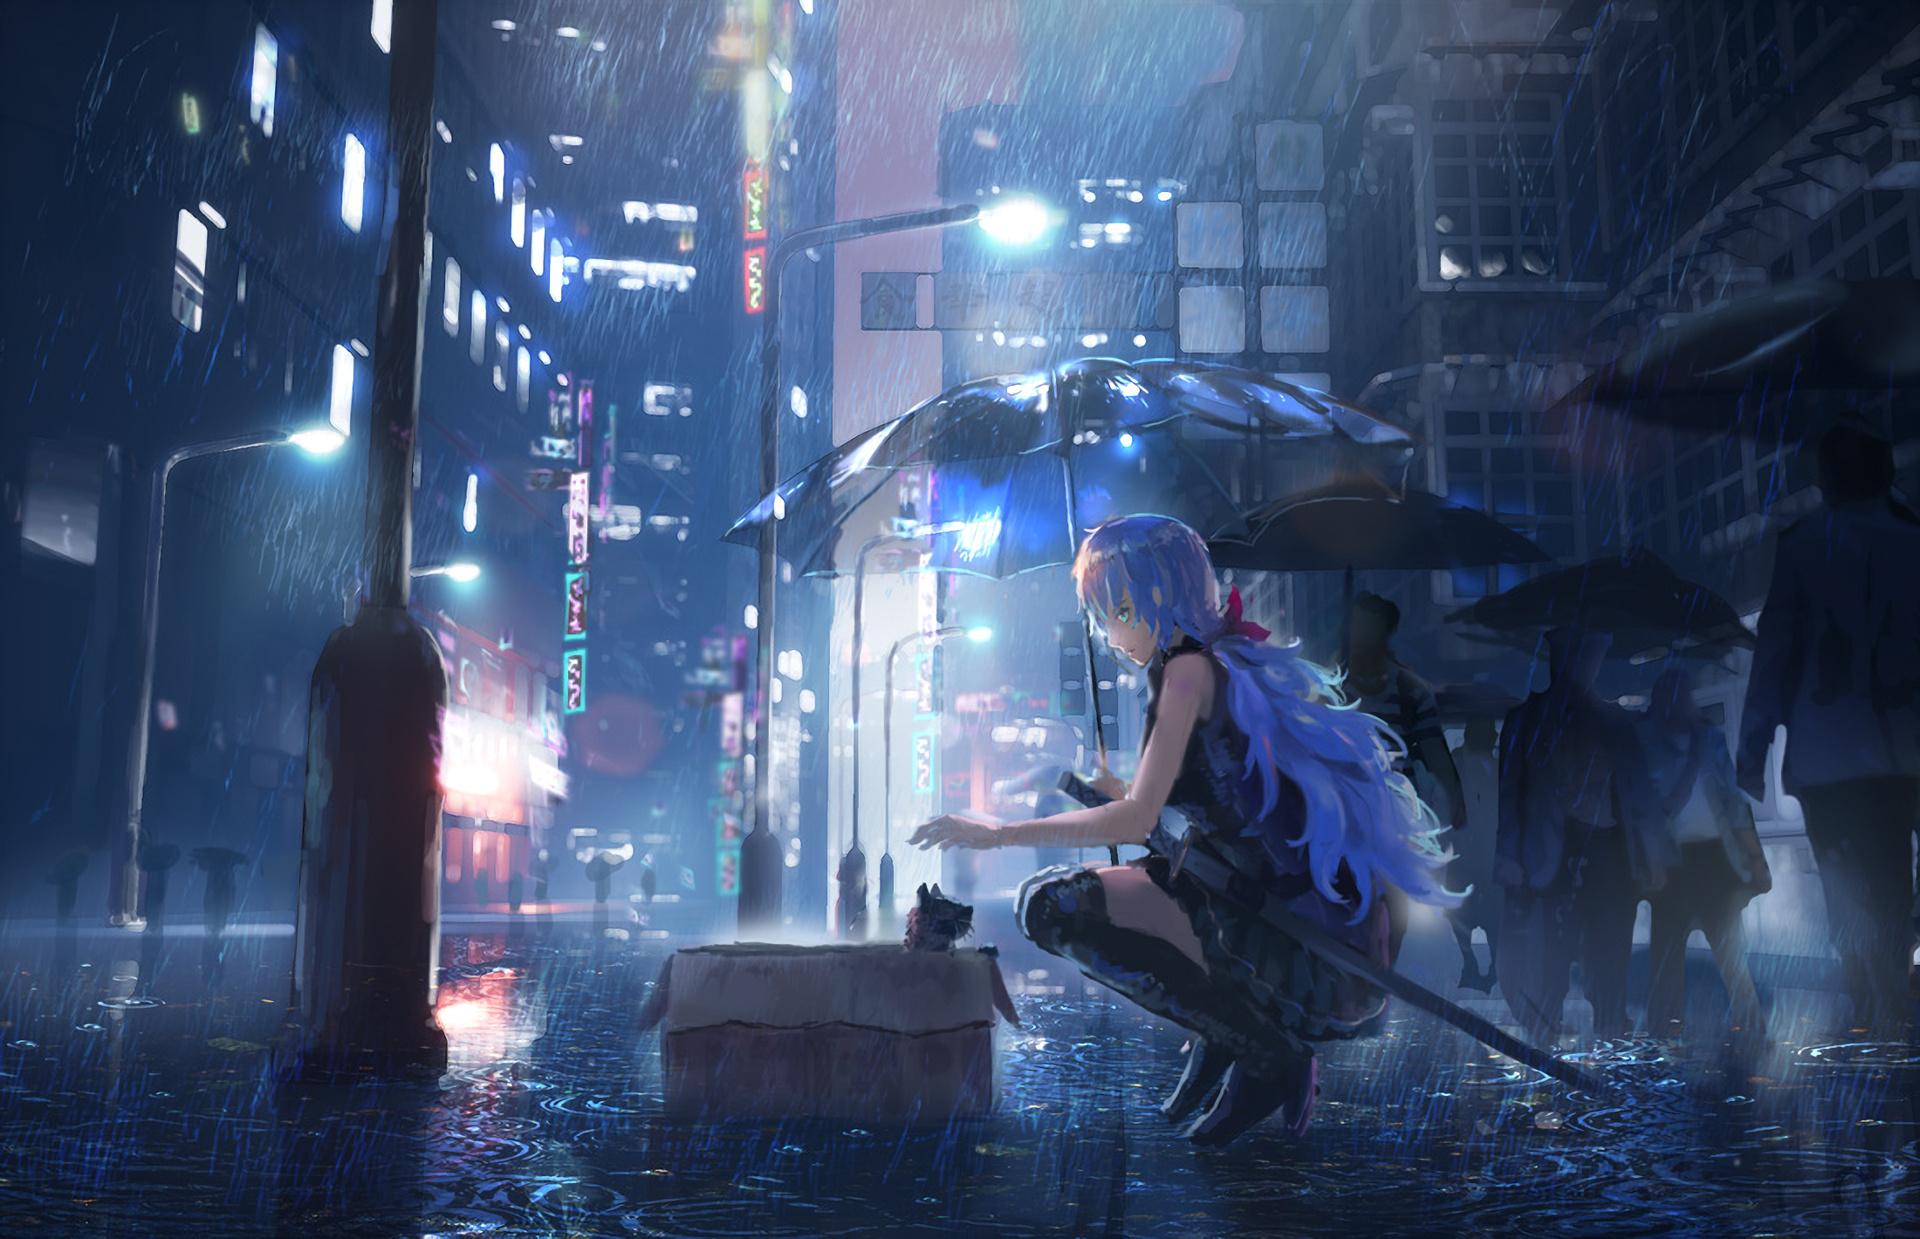 xem ảnh mưa buồn